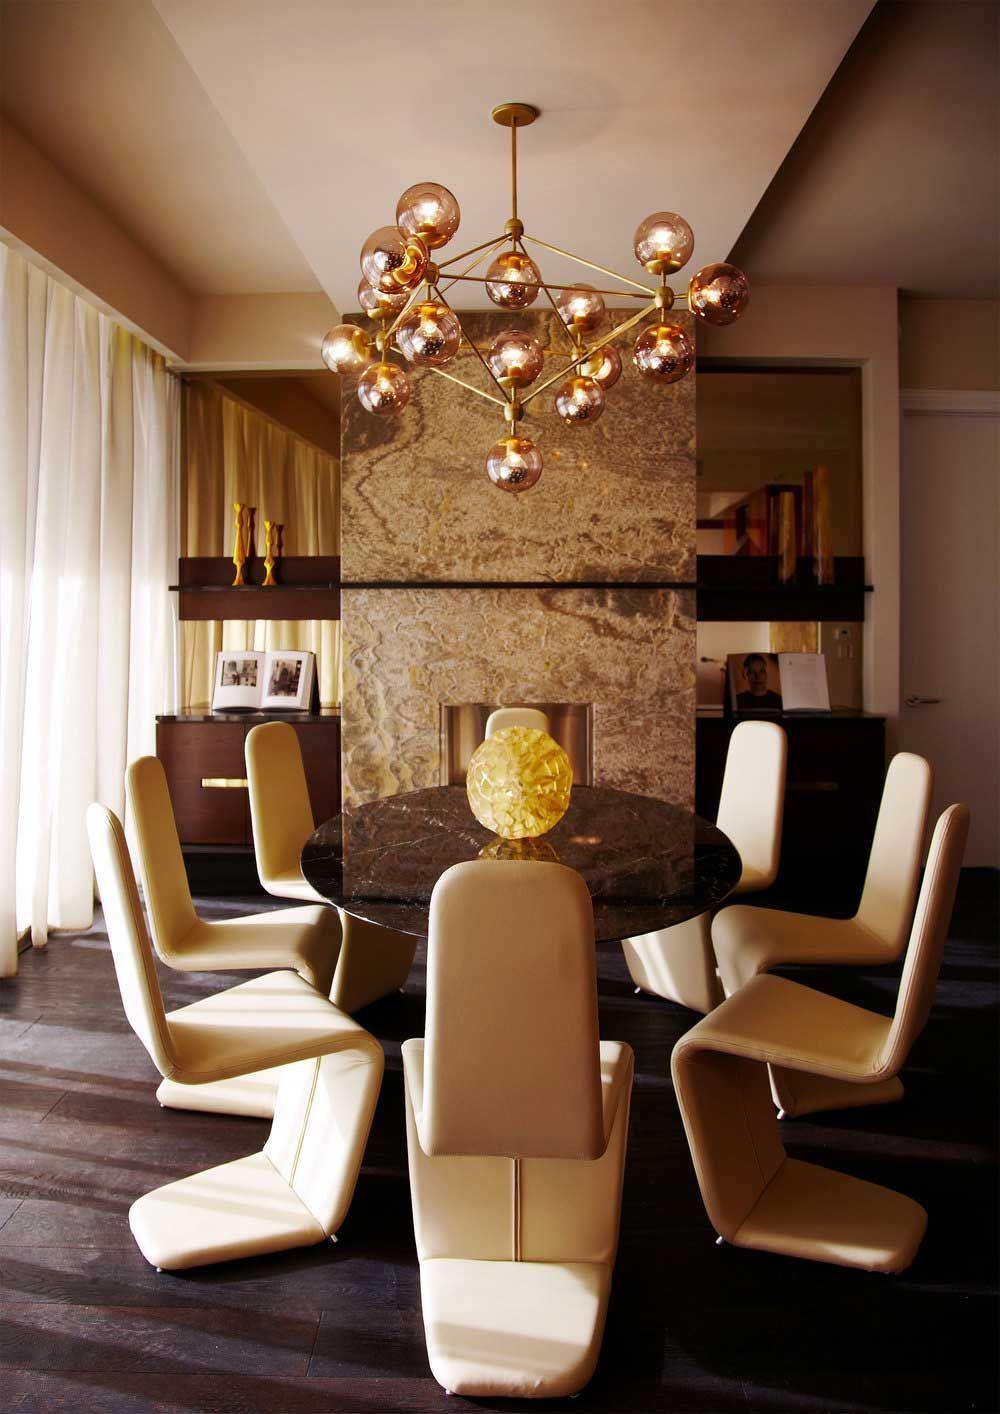 Elegant Ikea Track Lighting Homedecoration Homedecorations Homedecorationideas Homedecorati Wall Lights Living Room Lamps Living Room Home Decor Furniture